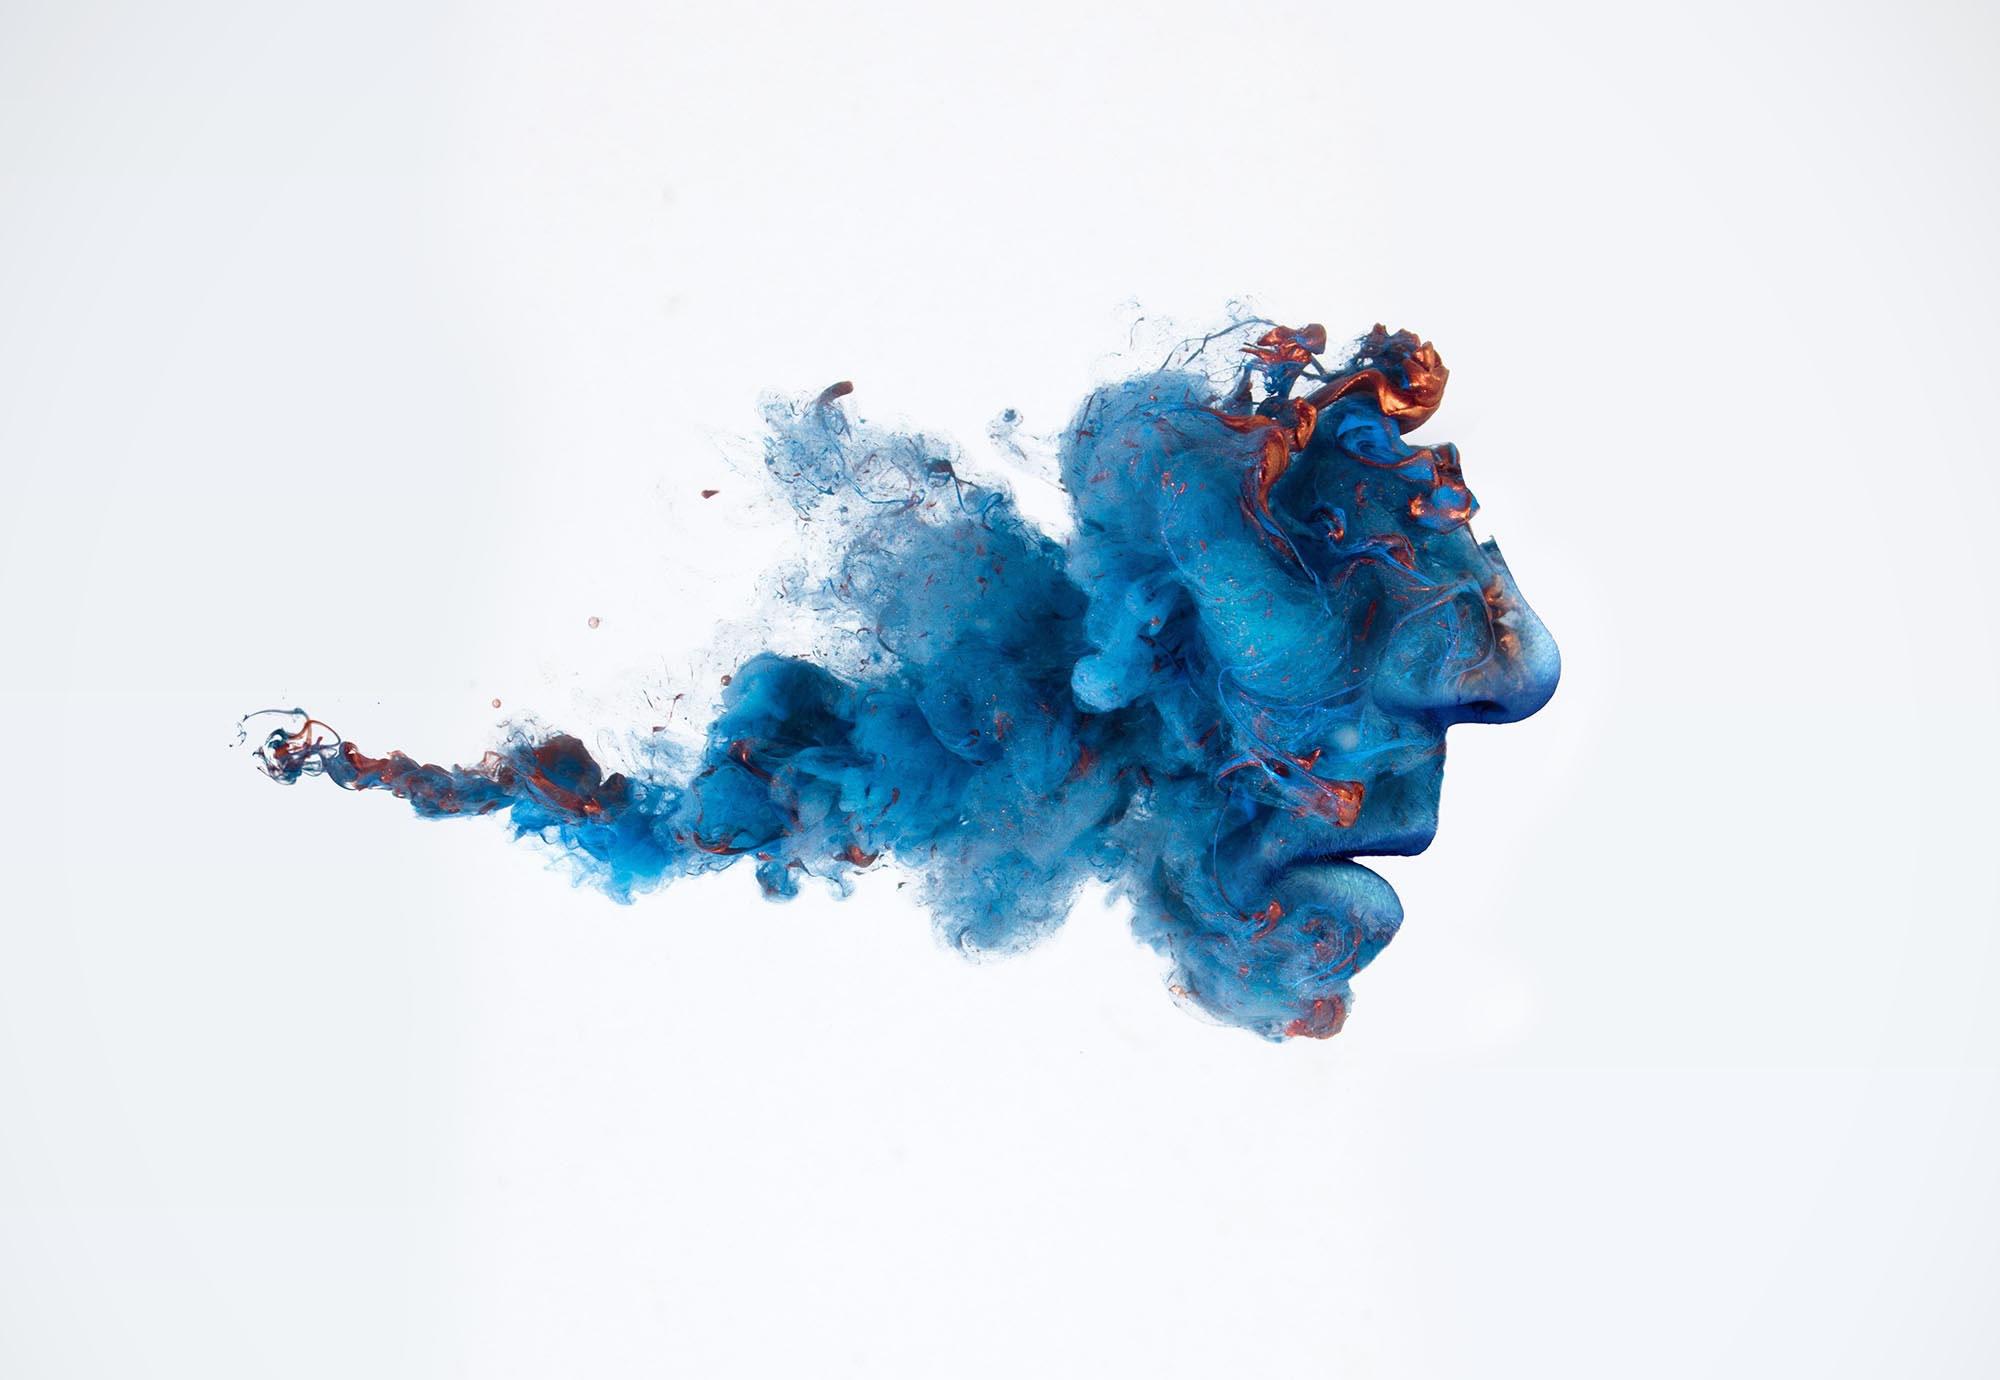 Cloud of ink